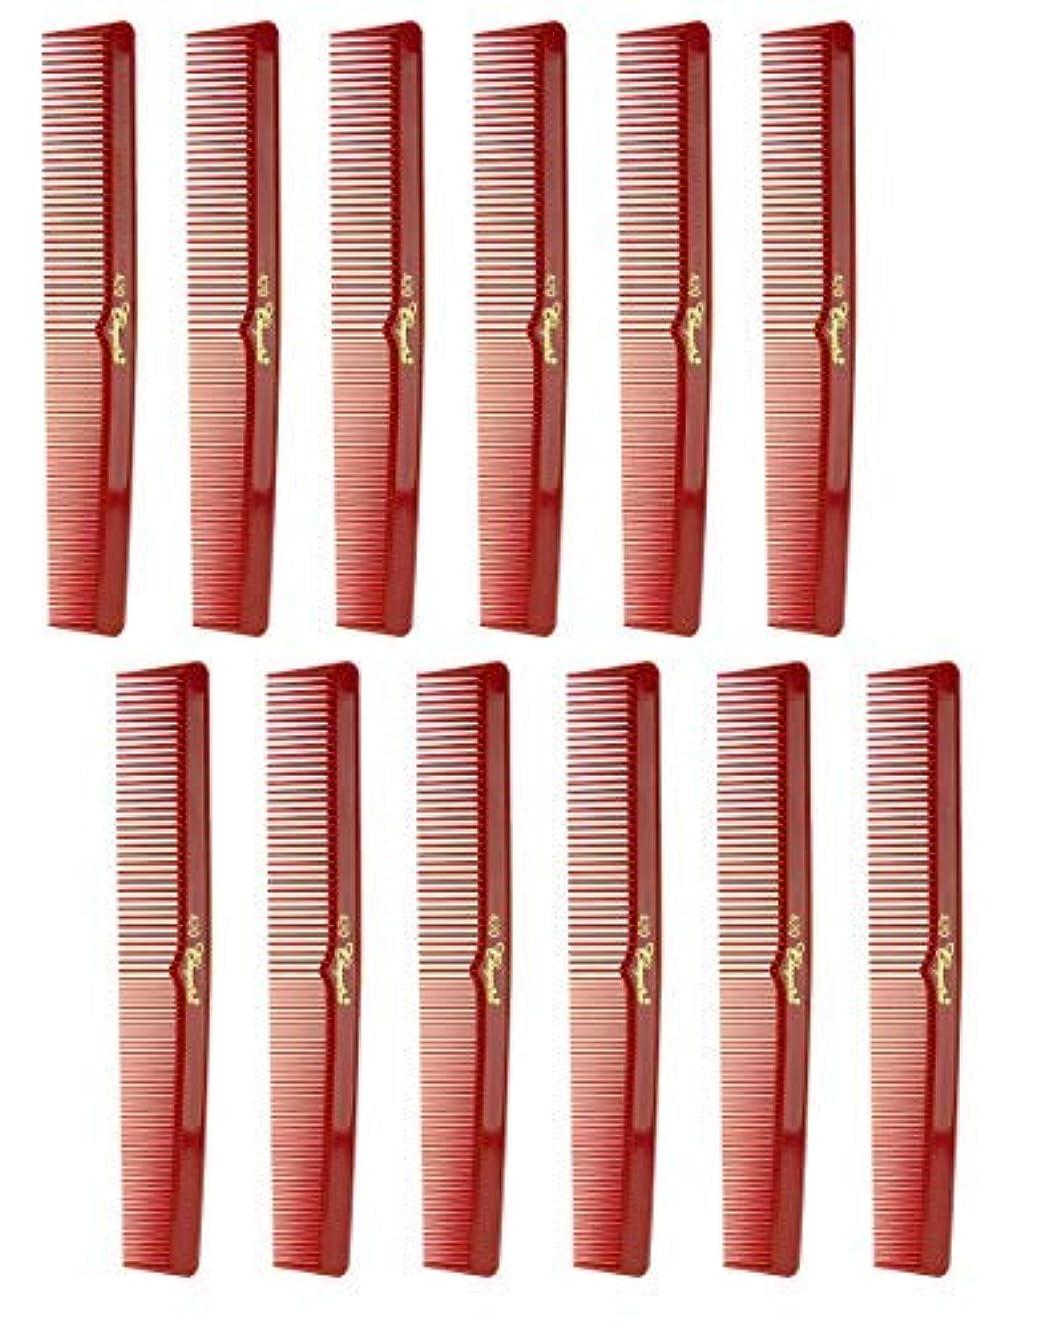 グラム小屋とげ7 Inch Hair Cutting Comb. Barber's & Hairstylist Combs. Red. 1 DZ. [並行輸入品]